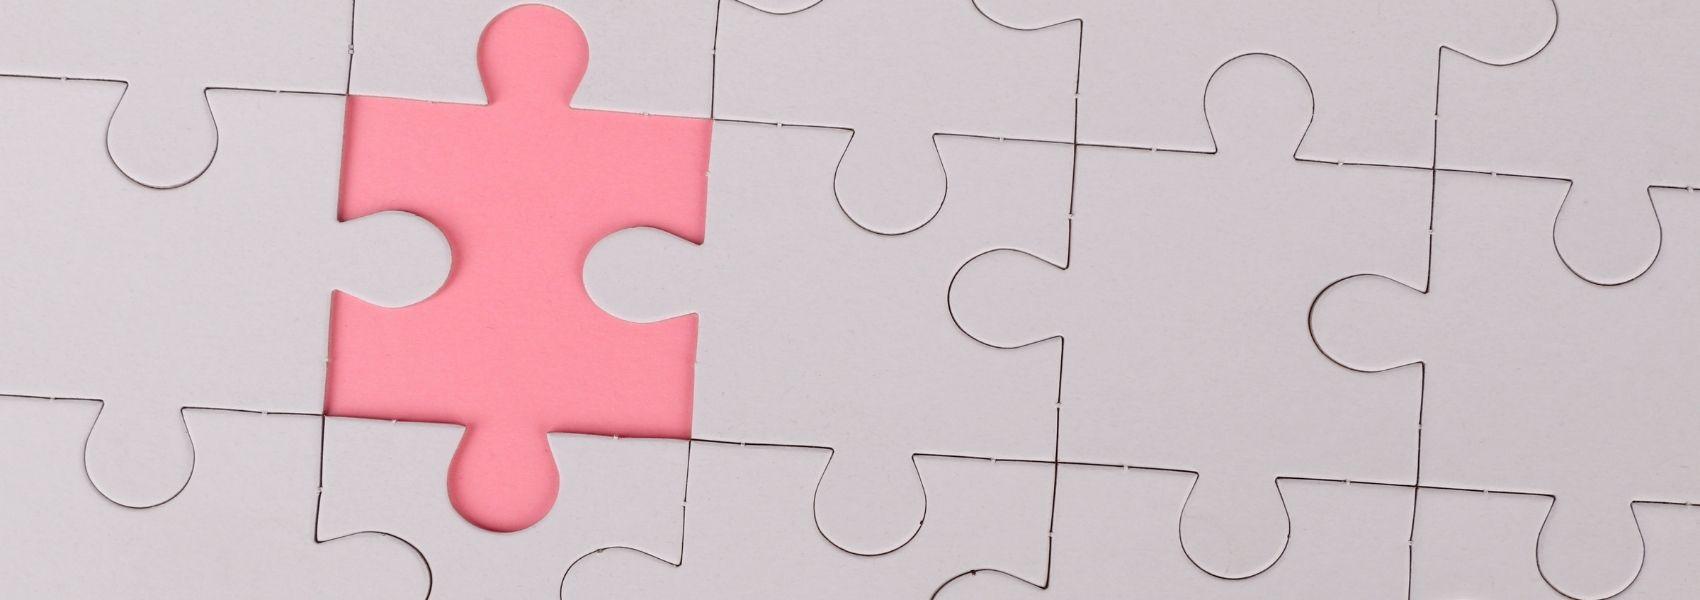 Mais confinados, menos concentrados: os efeitos do confinamento na memória